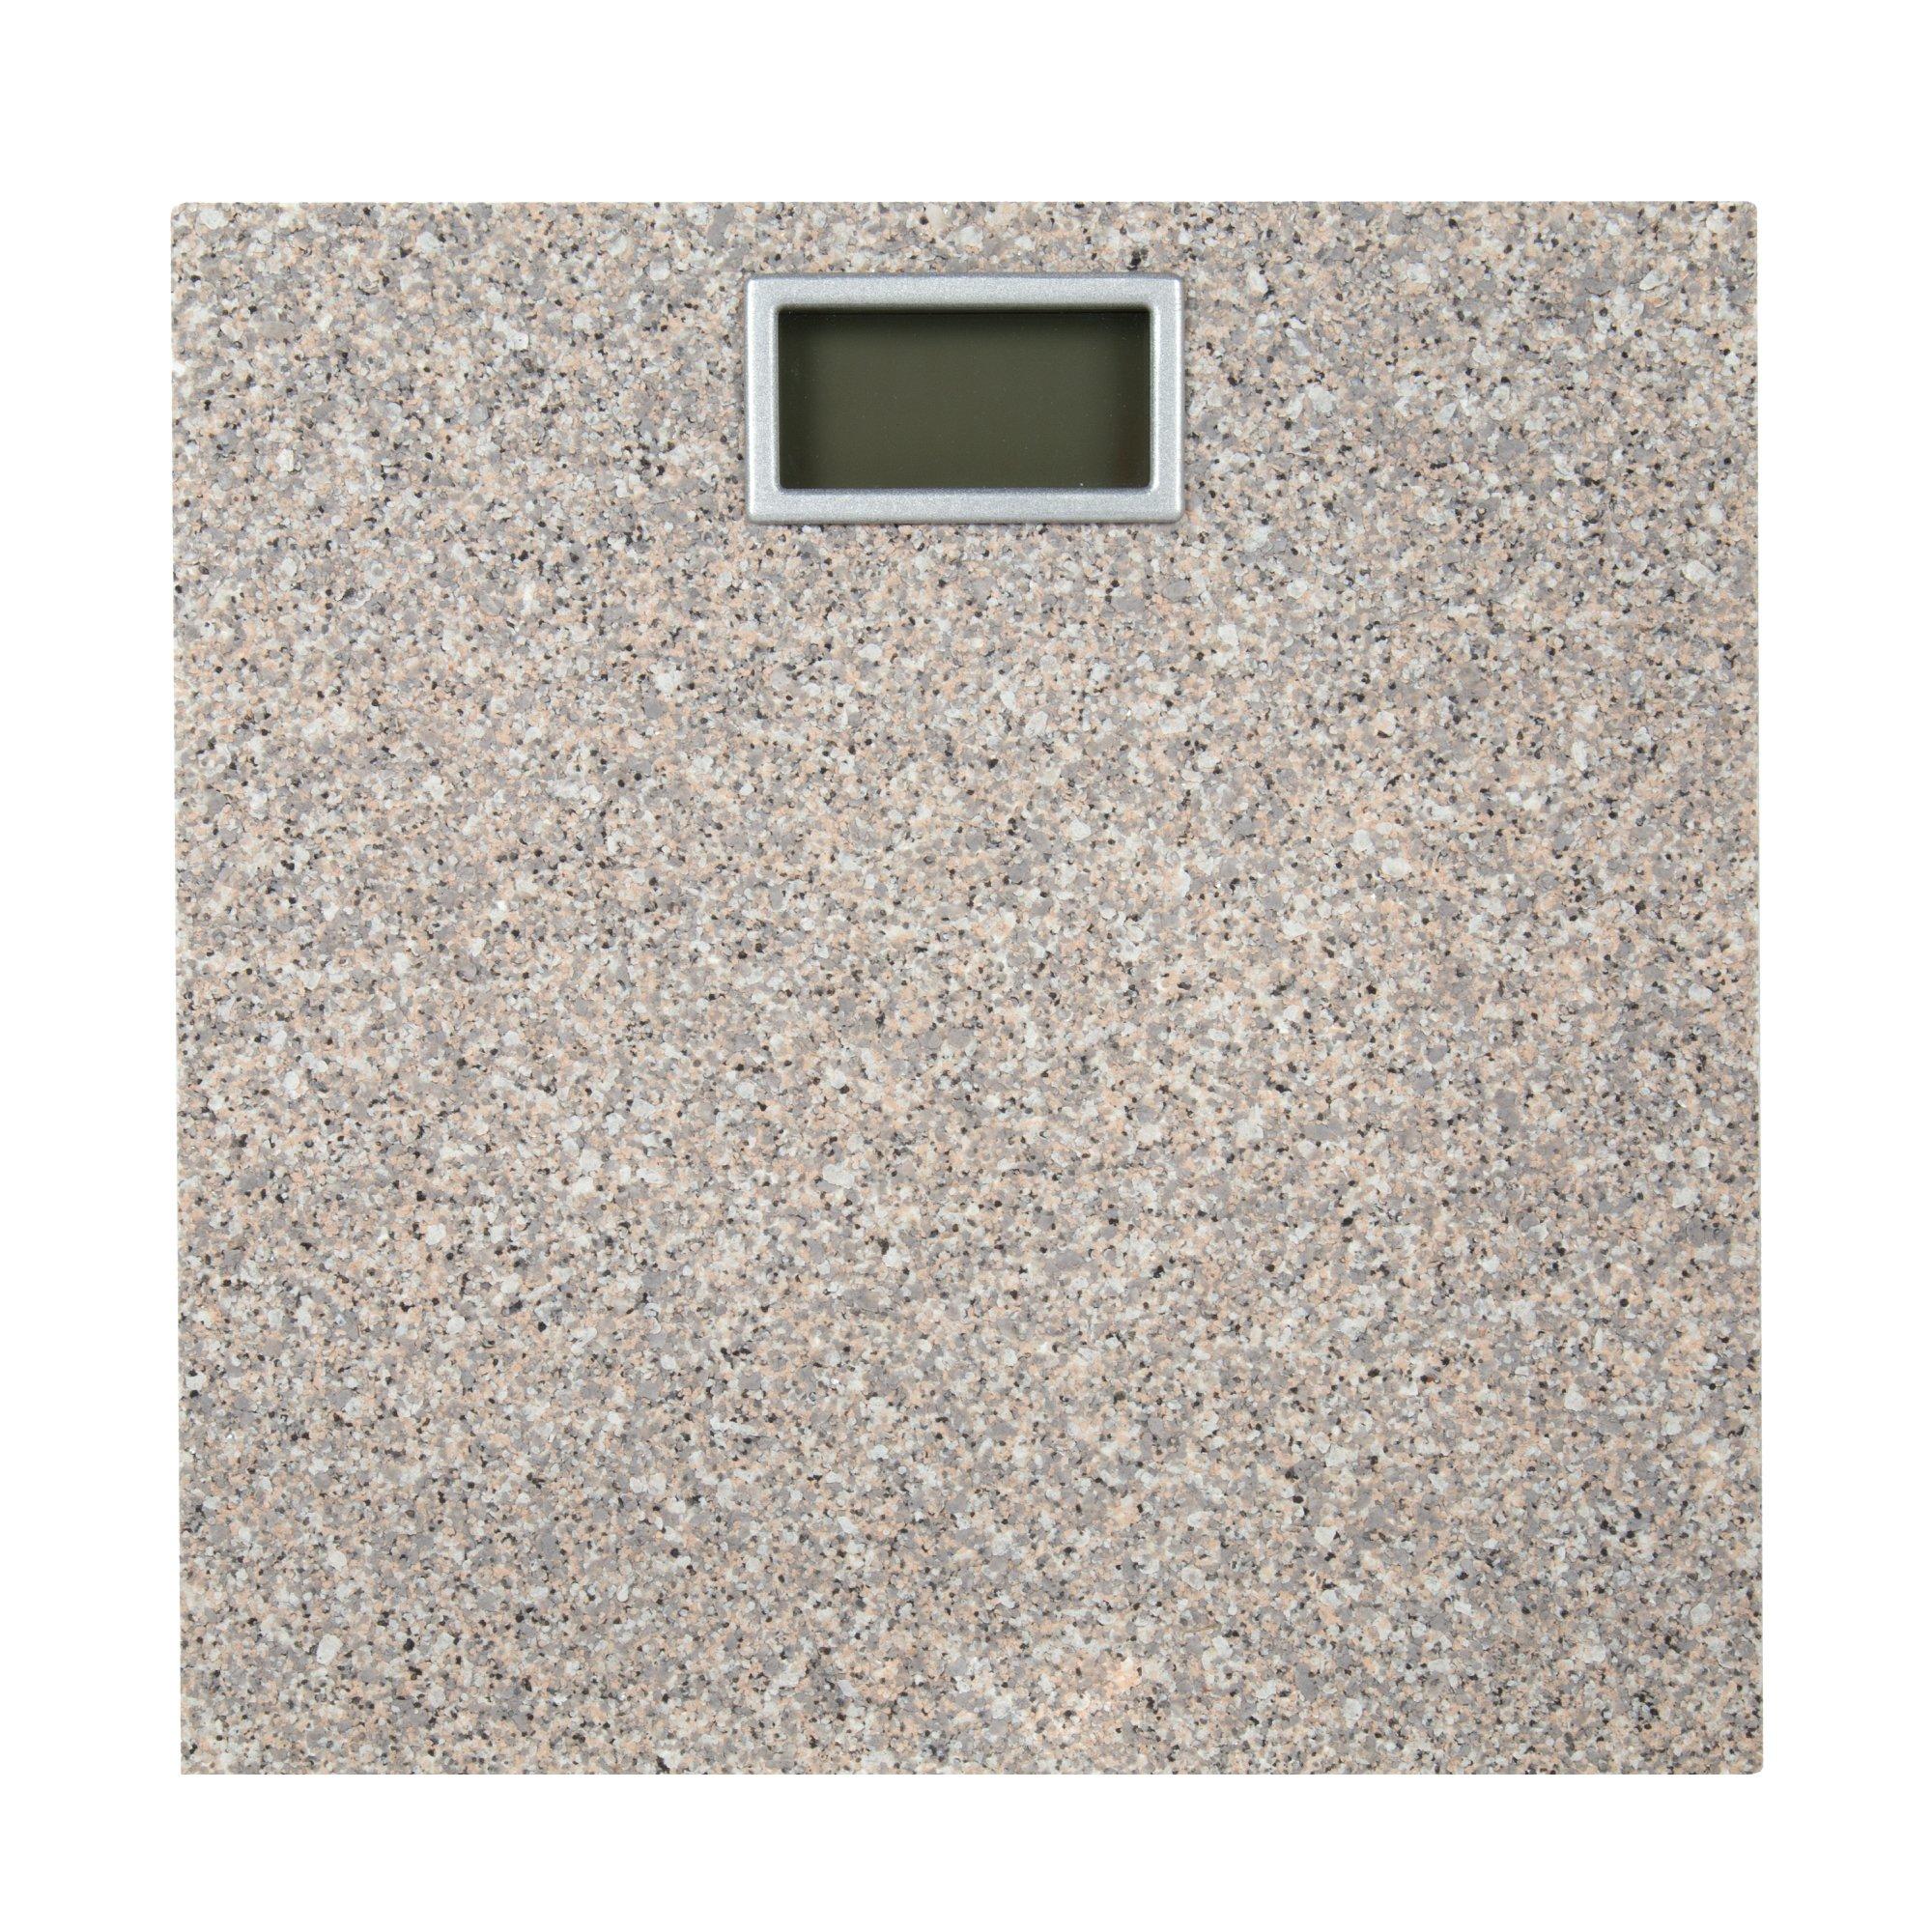 Bodico, Modern Granite Scale, 11 x 11 inches, Beige